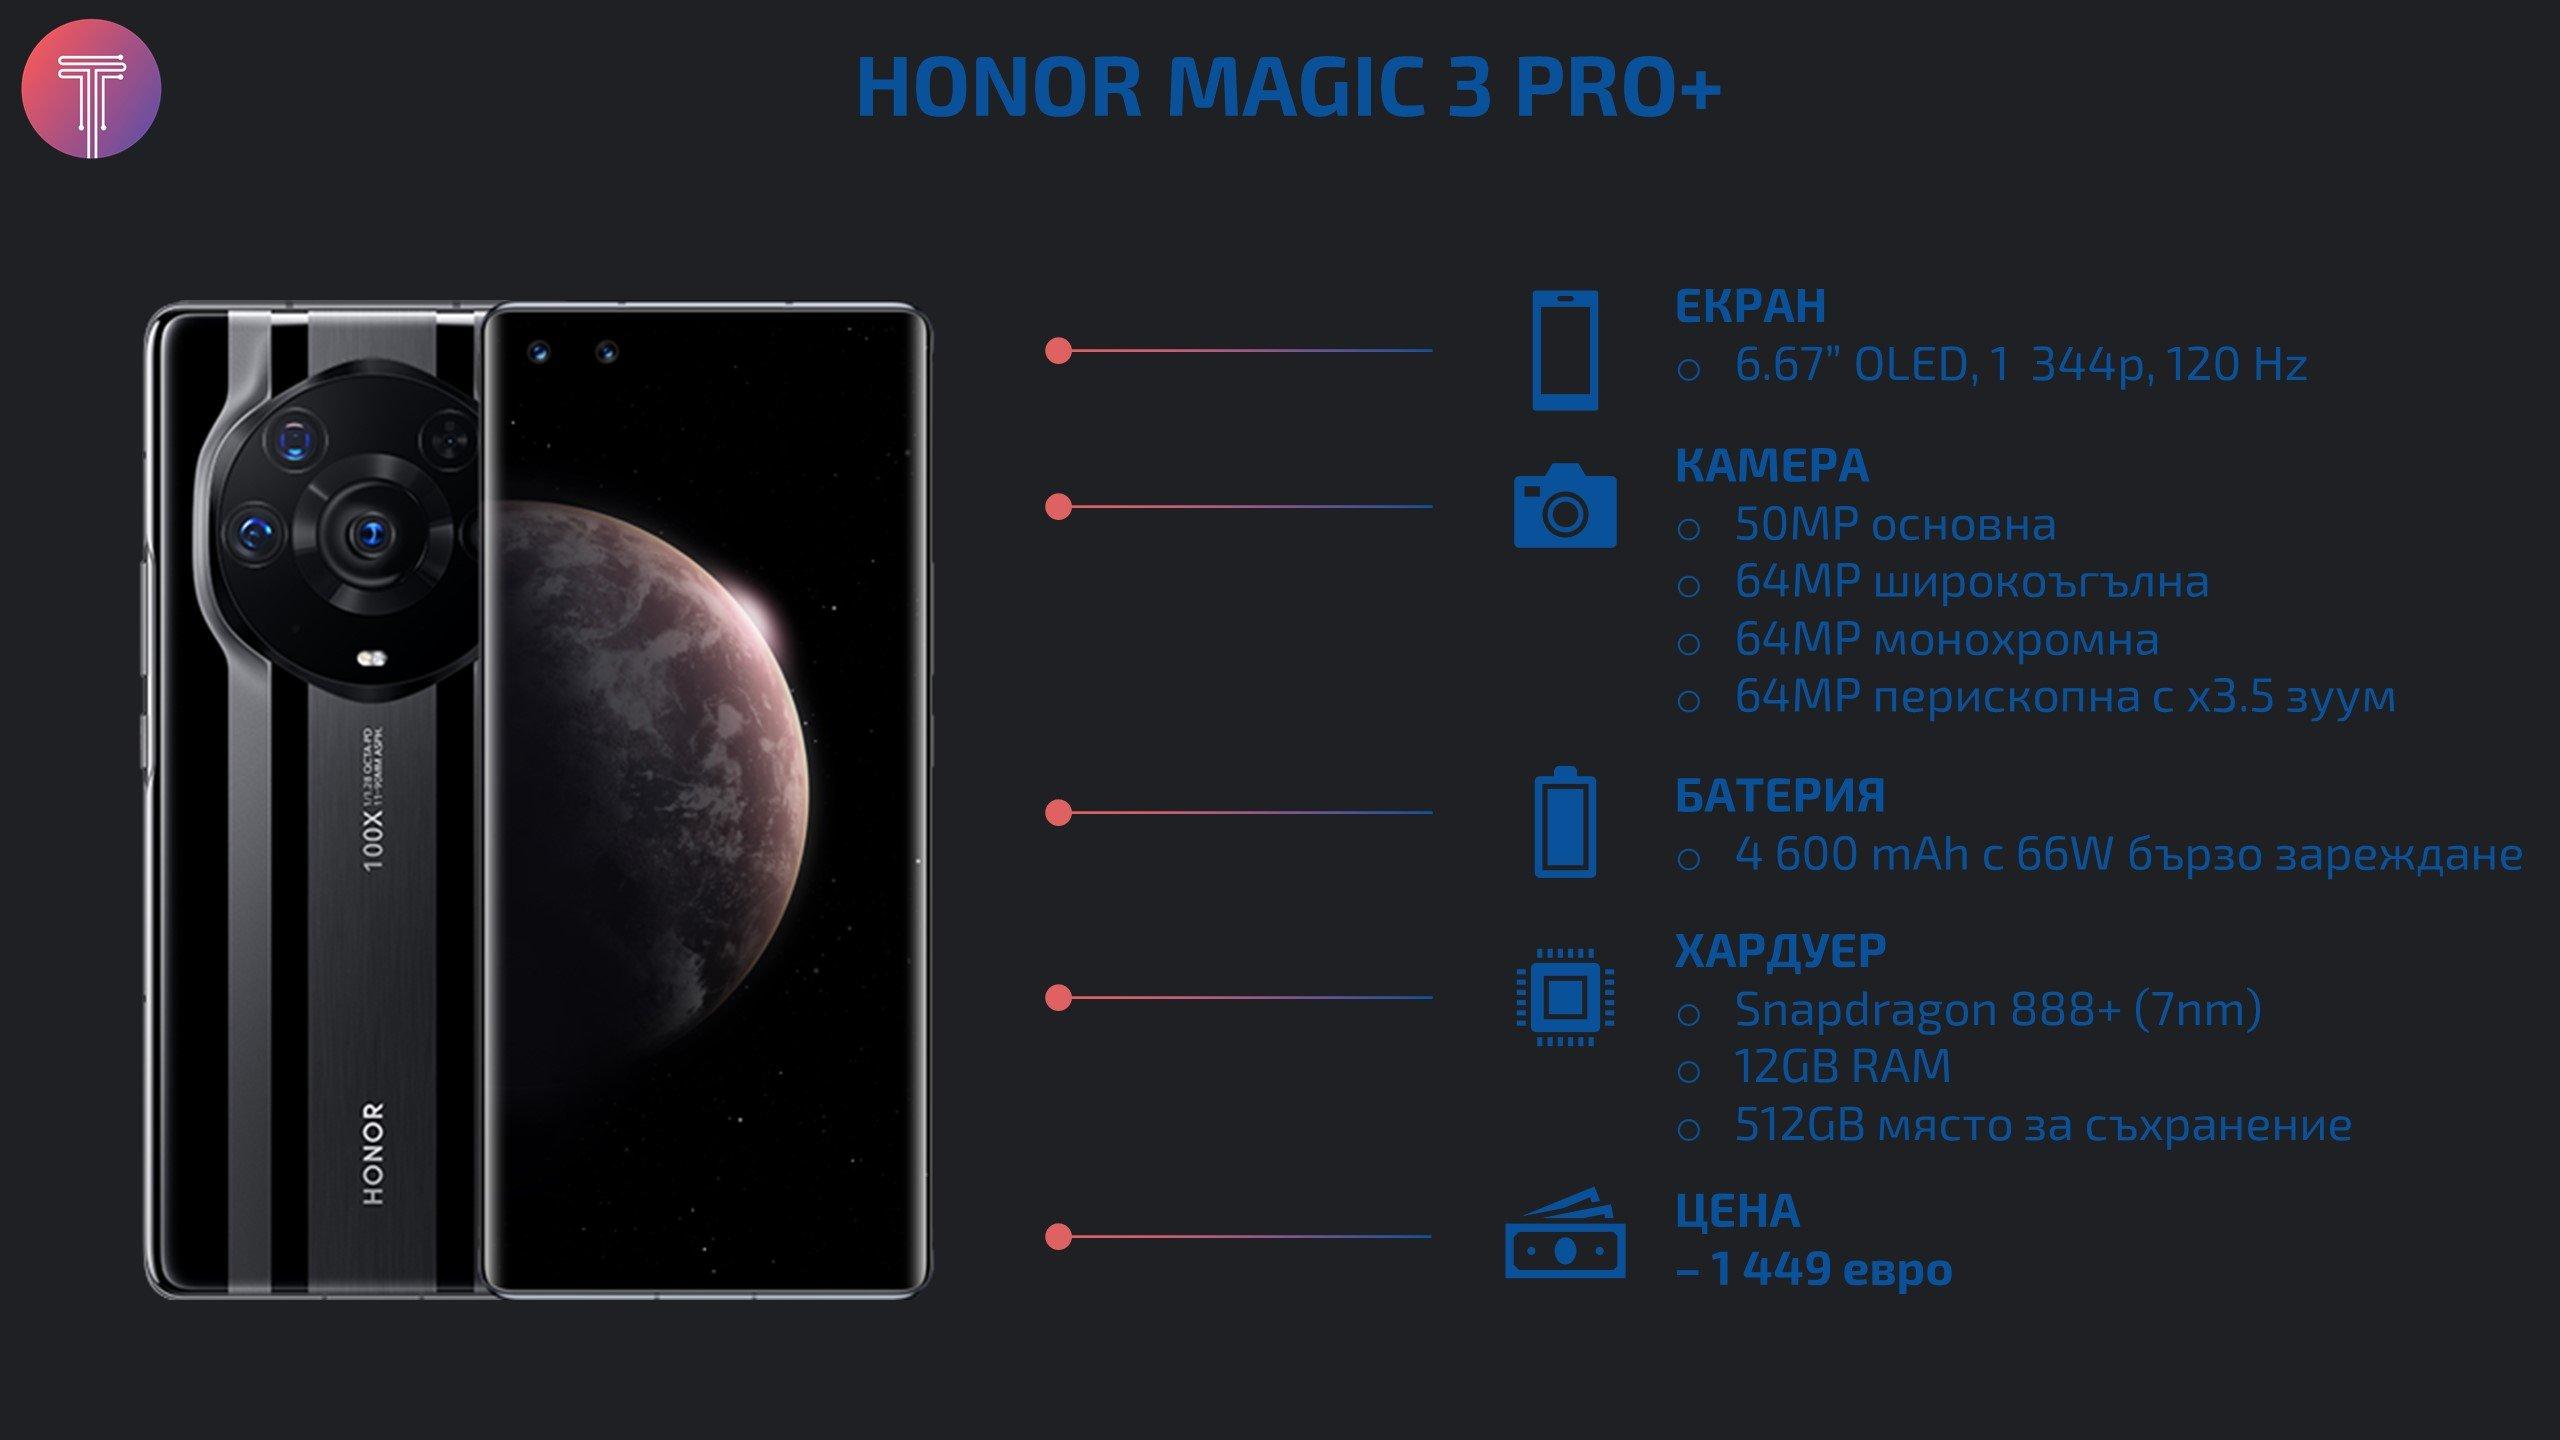 Honor-Magic-3-Pro-Plus-Specs